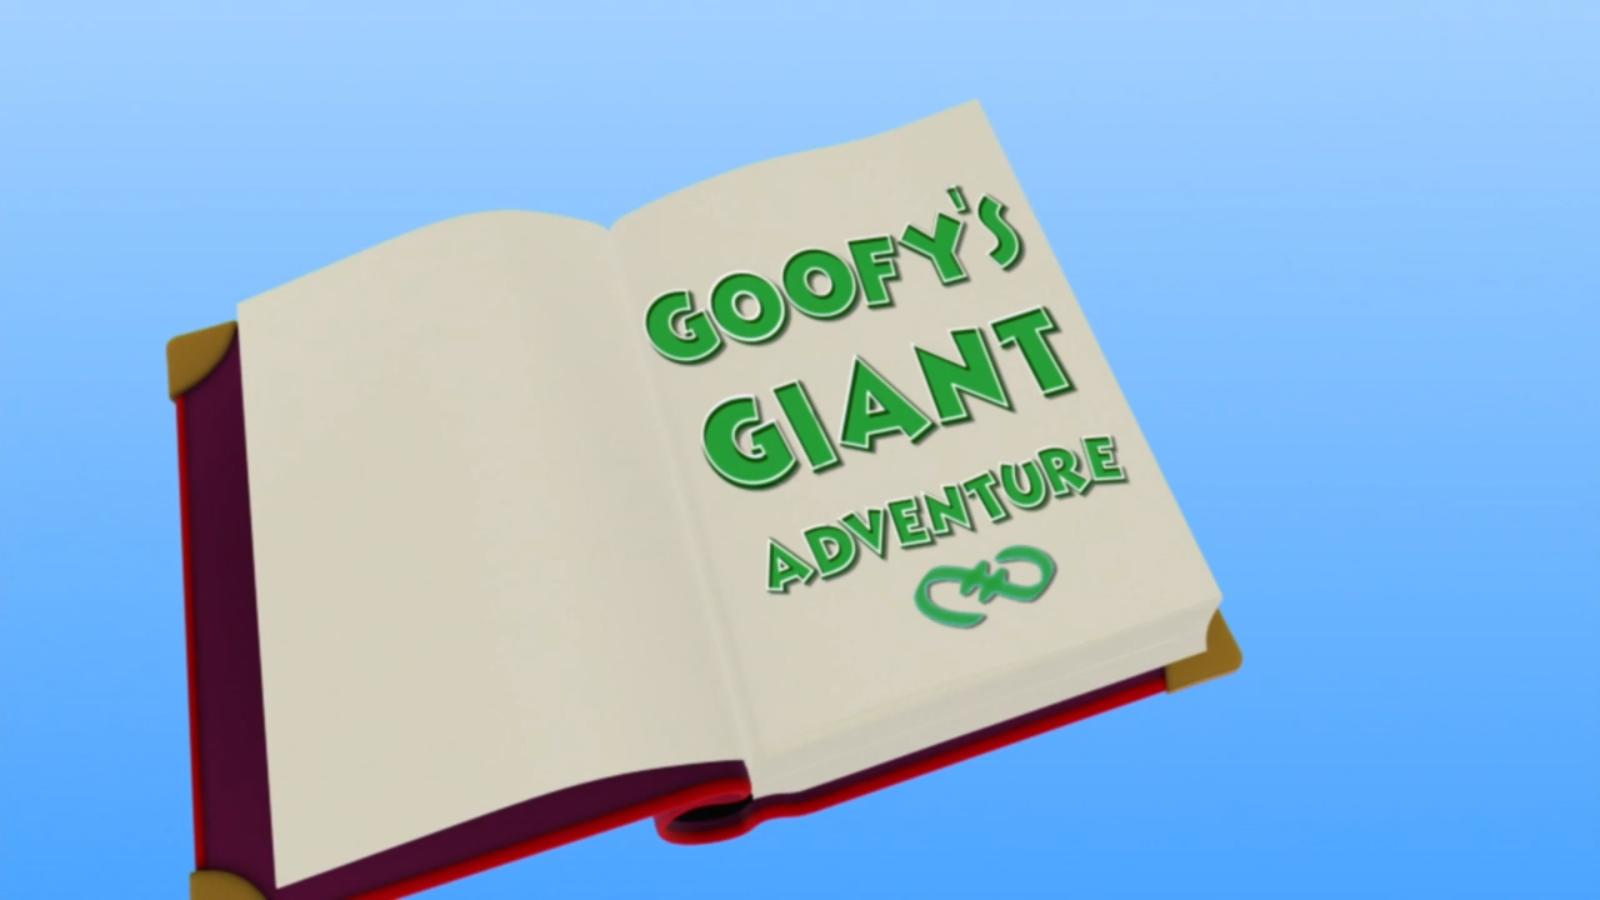 Goofy's Giant Adventure